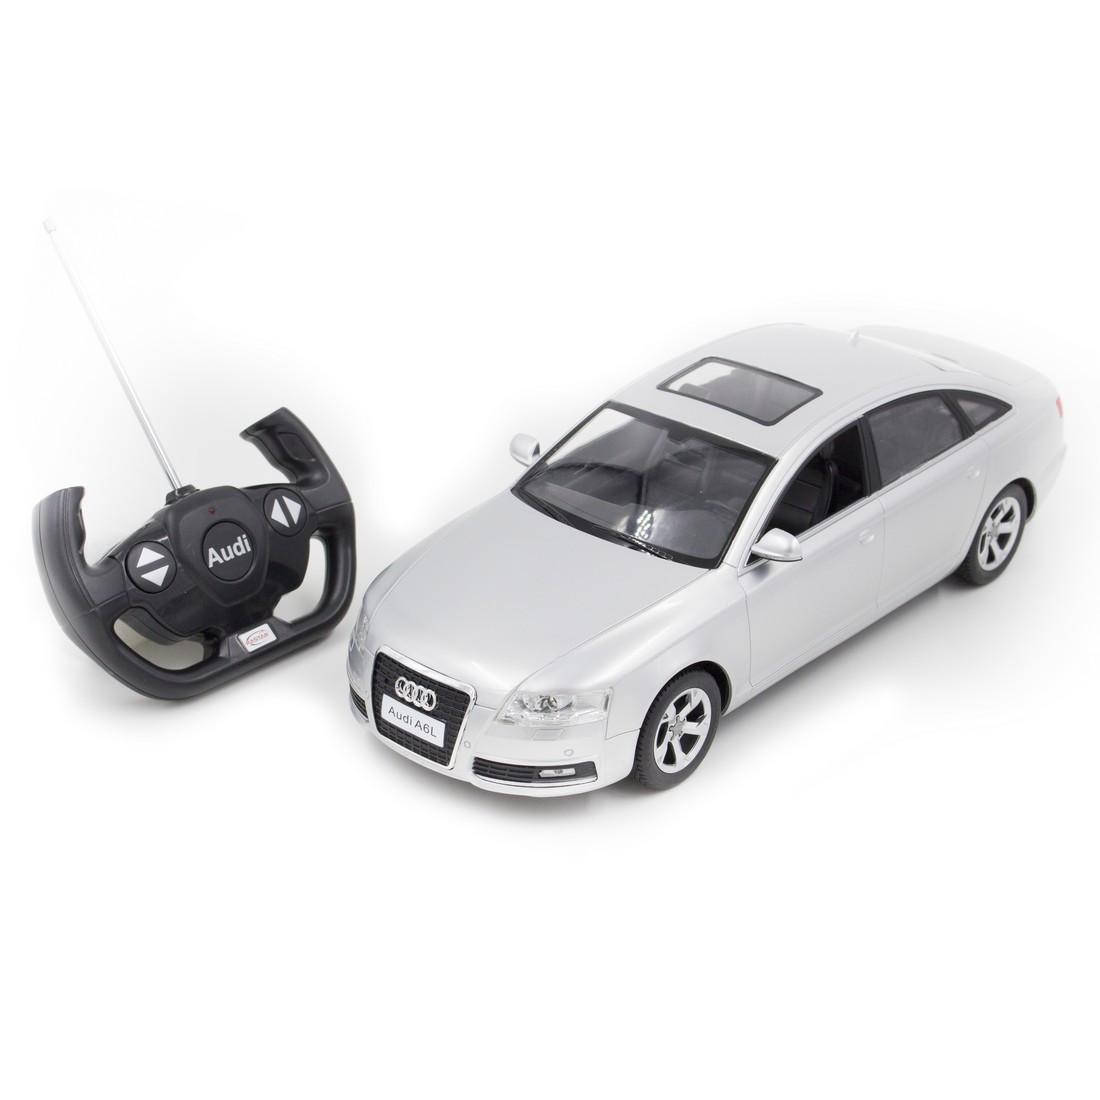 Радиоуправляемая модель автомобиль Rastar Audi A6L, 1:14, Управление: Джойстик, Материал: Пластик, Цвет: Сереб